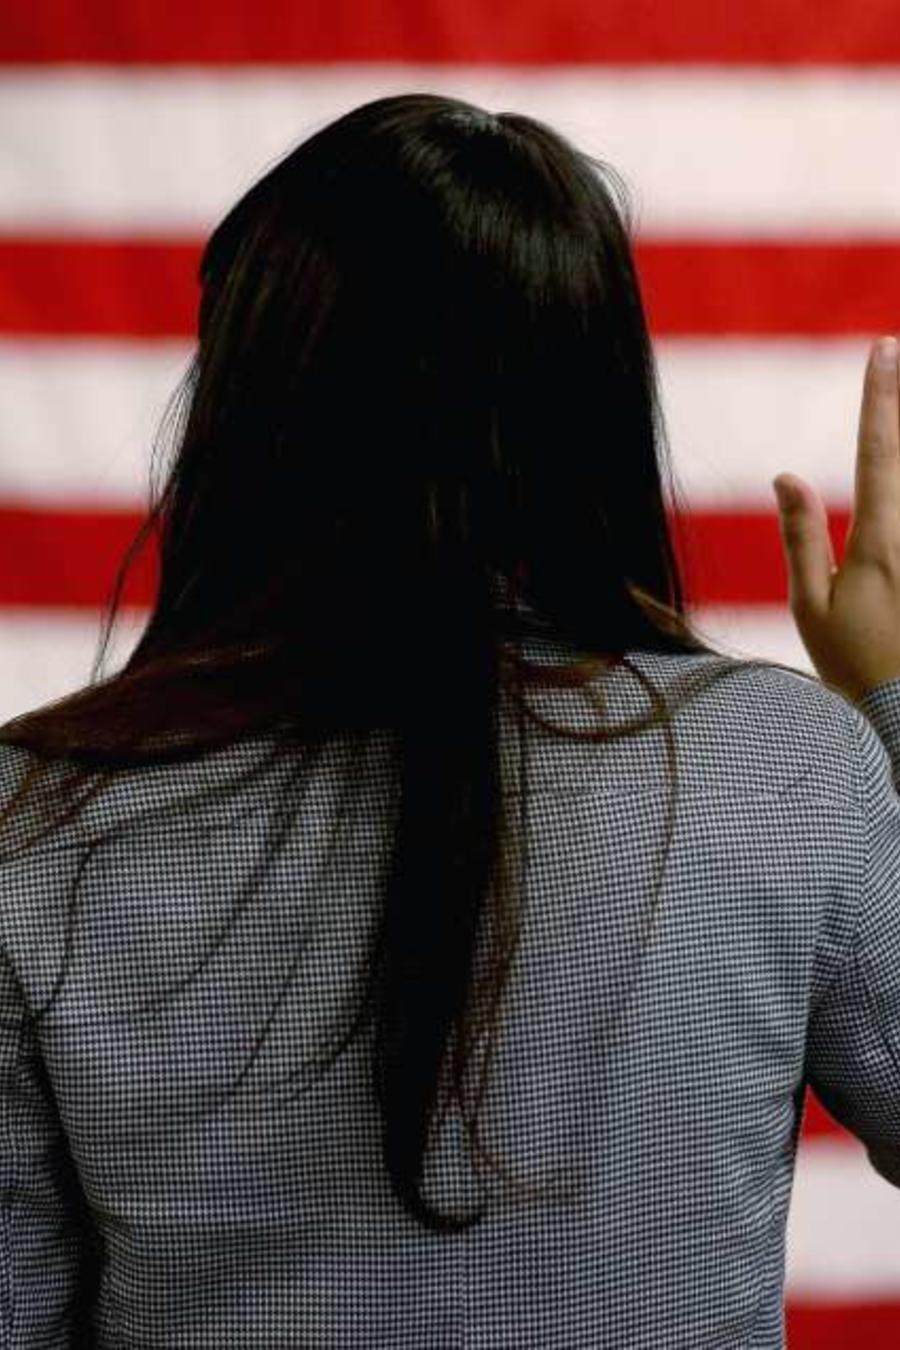 Una mujer jurando ante la bandera de EEUU